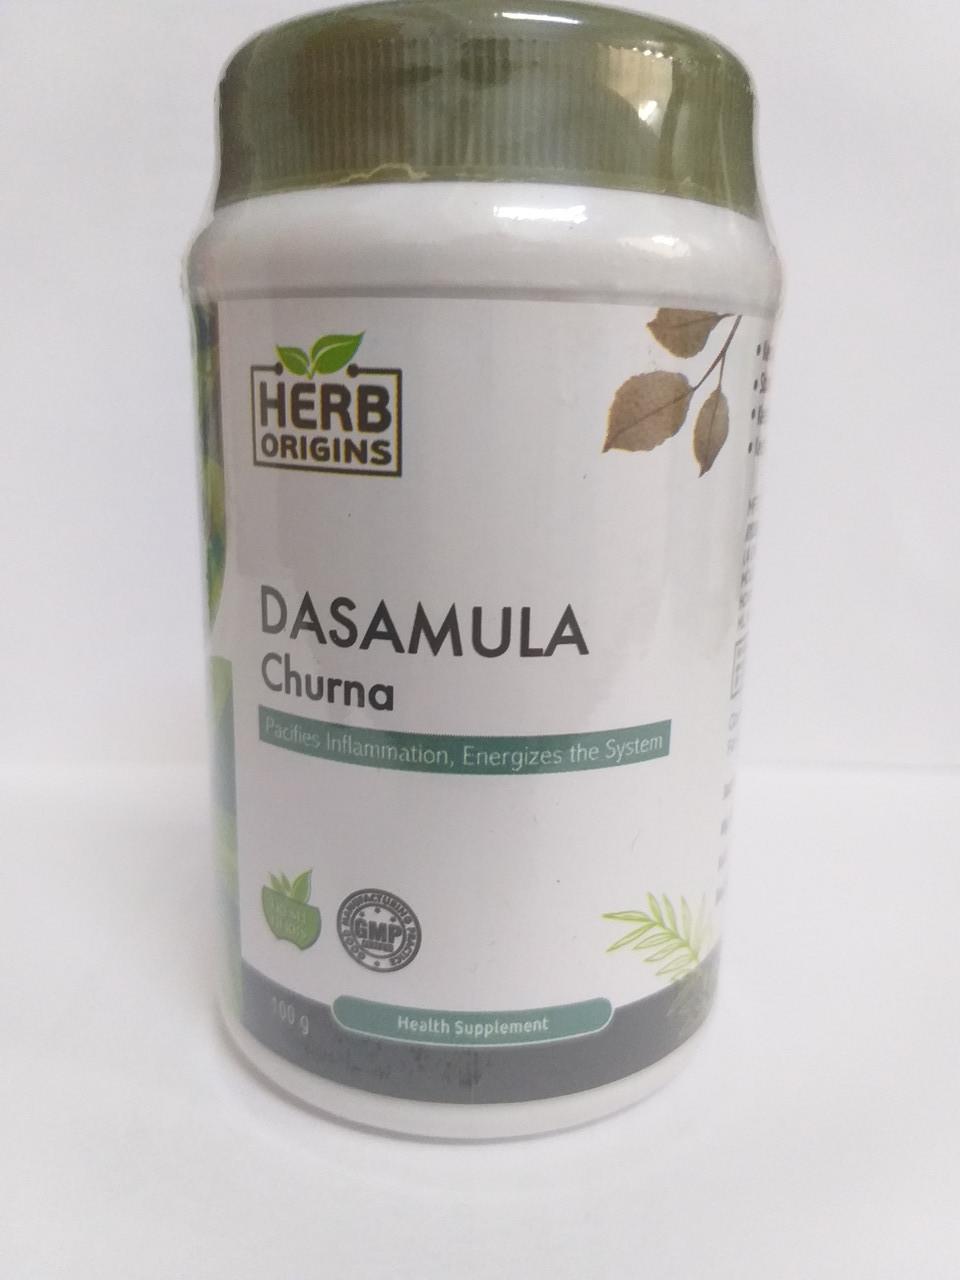 Дашамула чурна, 100 гр, Herbs Origins. Dasamula Churna, для очищения организма